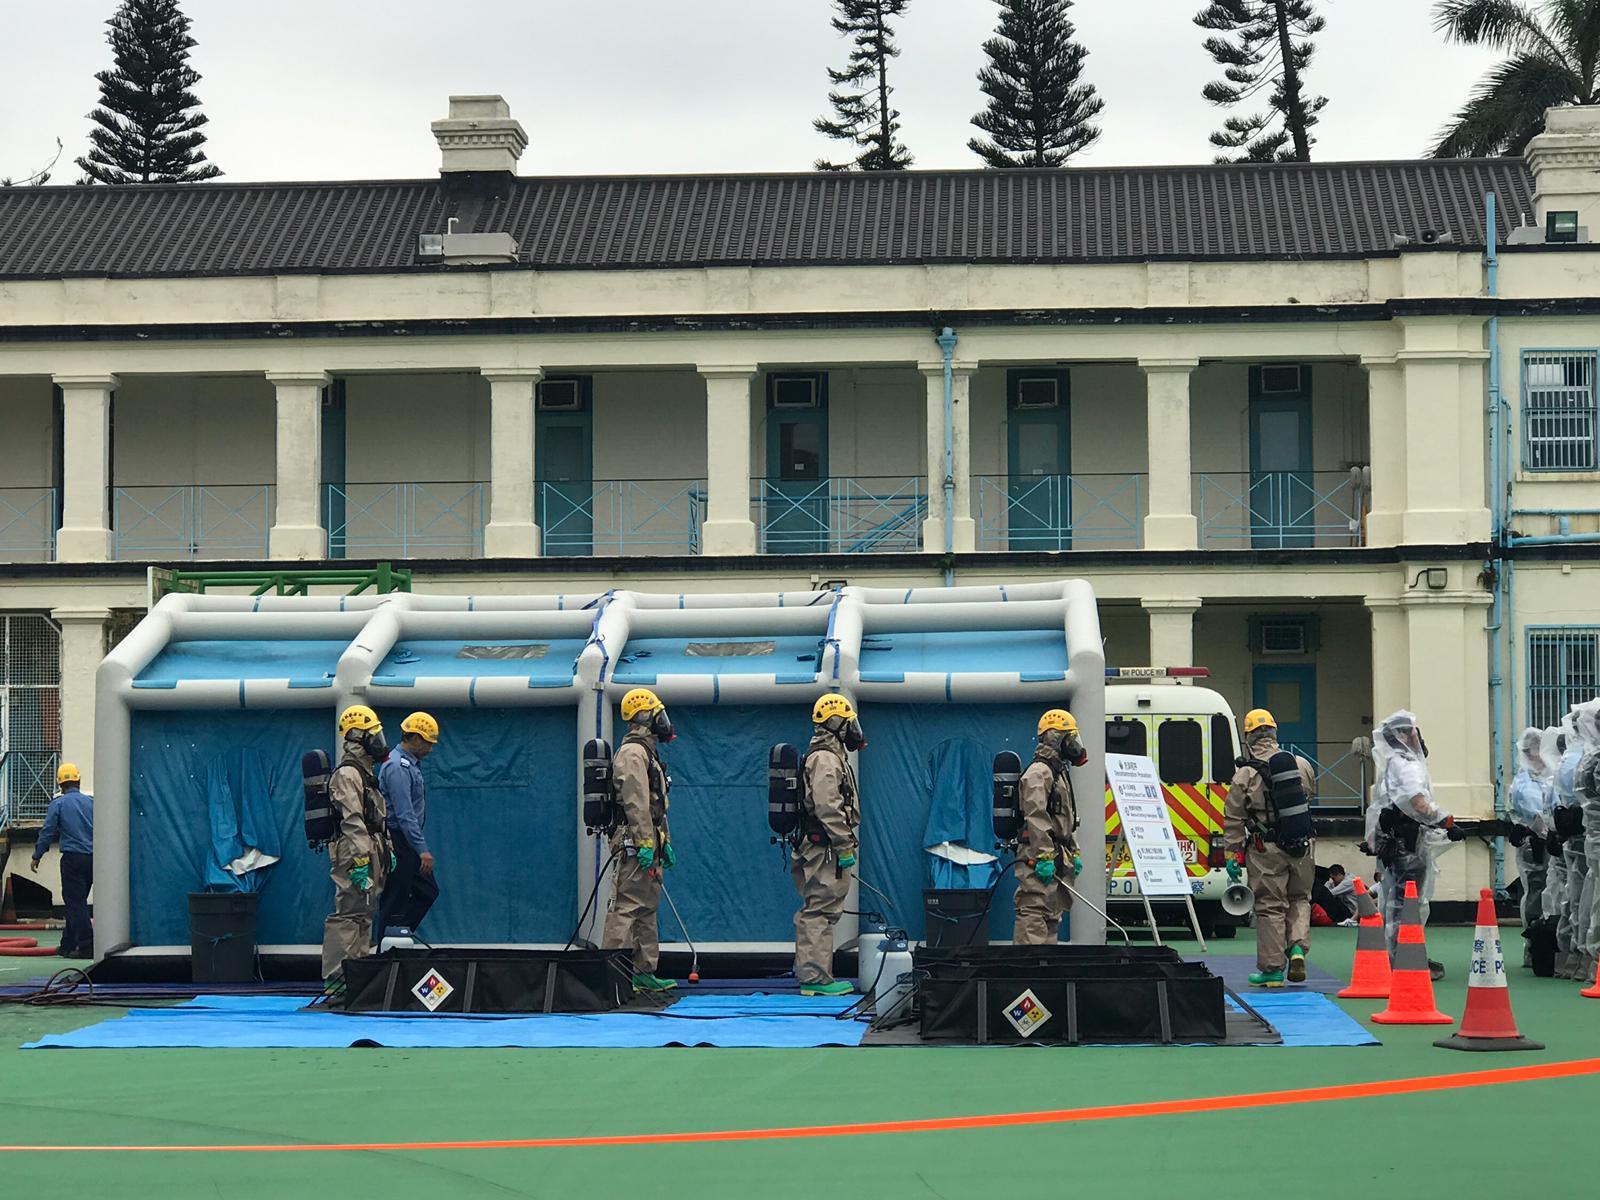 演习在筲箕湾鲤鱼门公园举行。